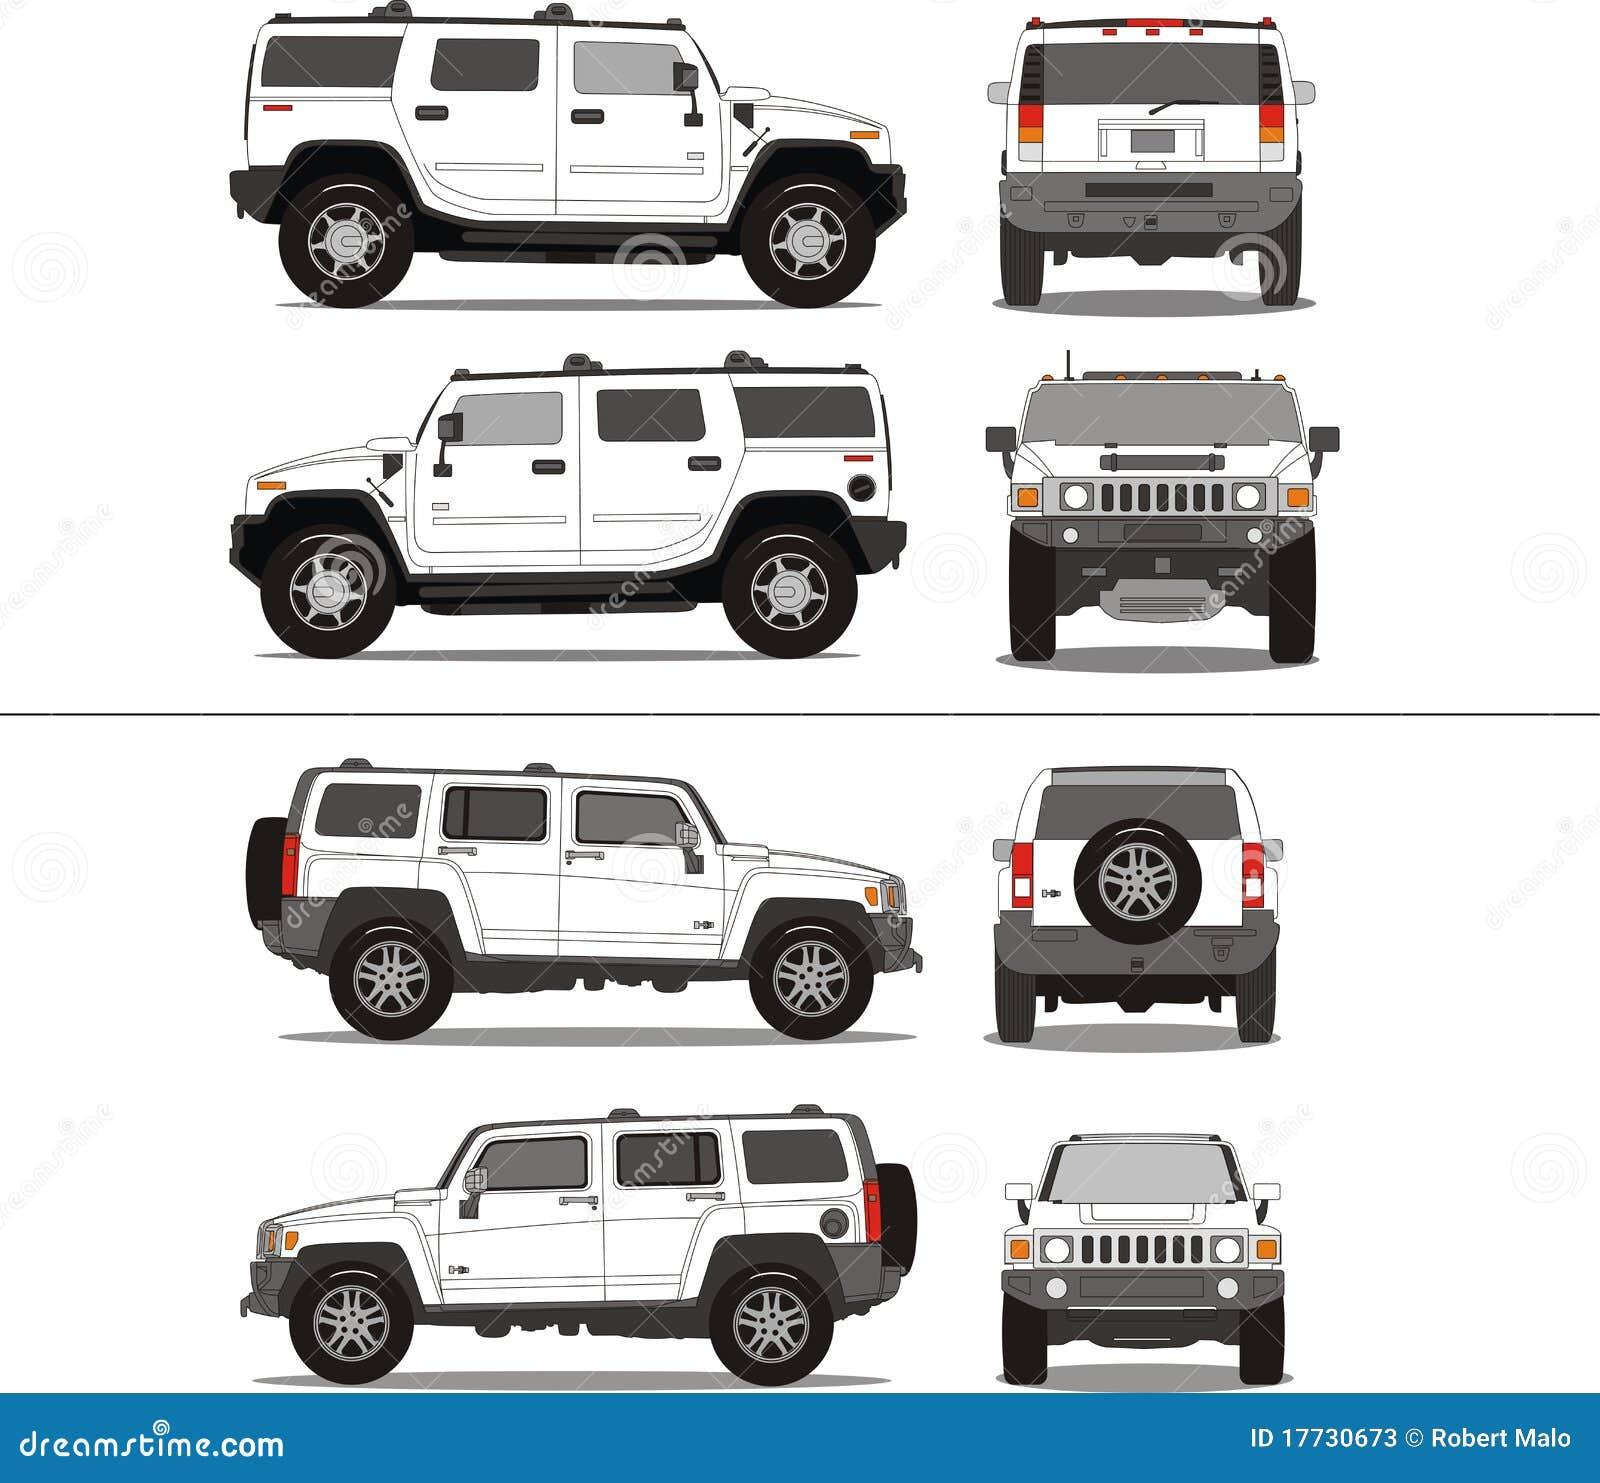 Suv Stock Illustrations Suv Stock Illustrations Vectors